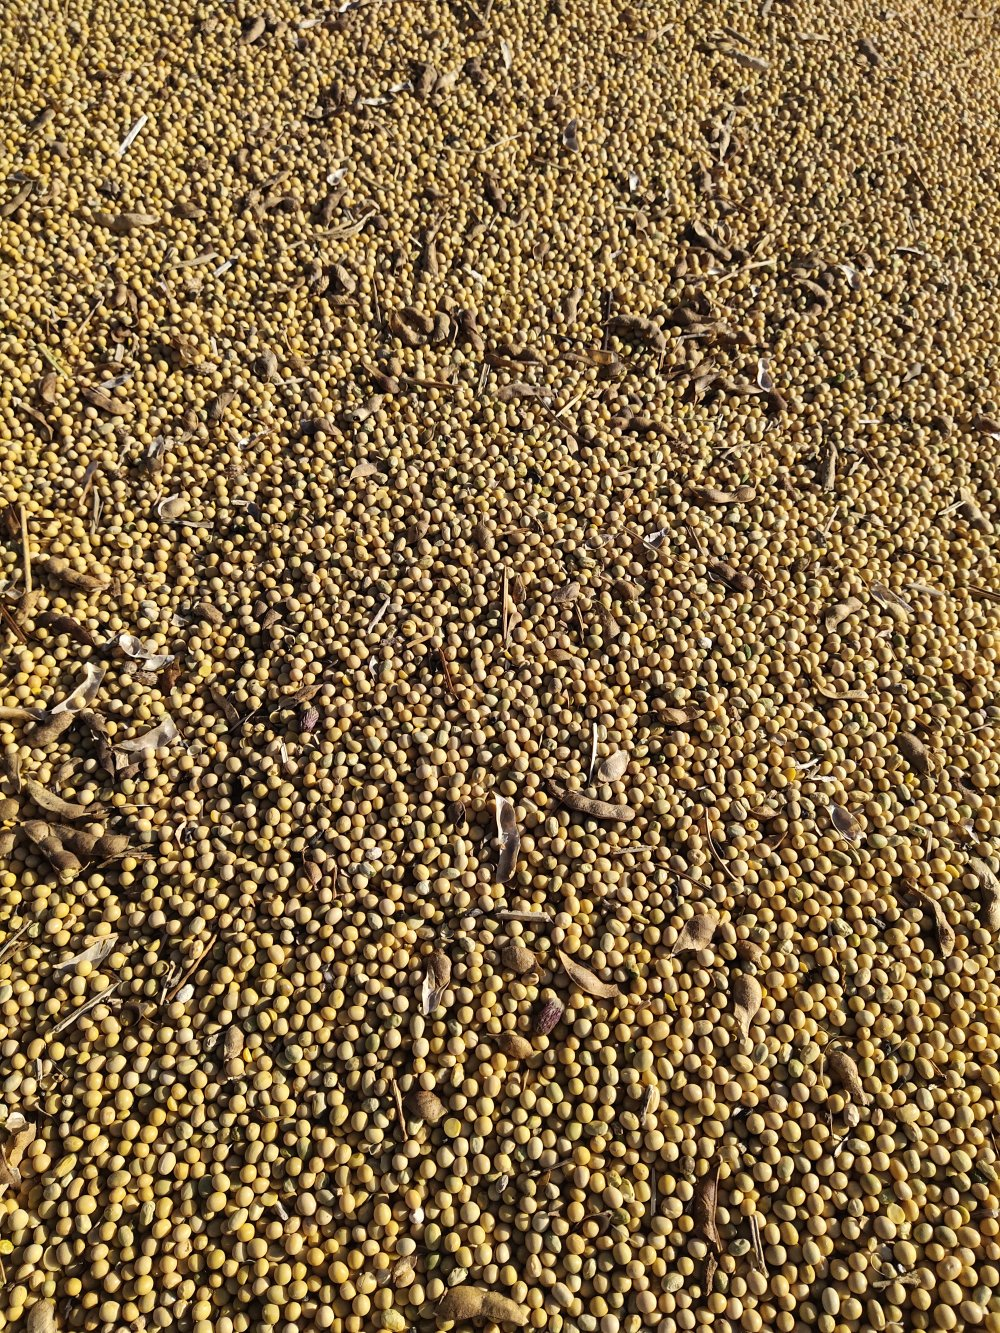 出售优质高蛋白大豆